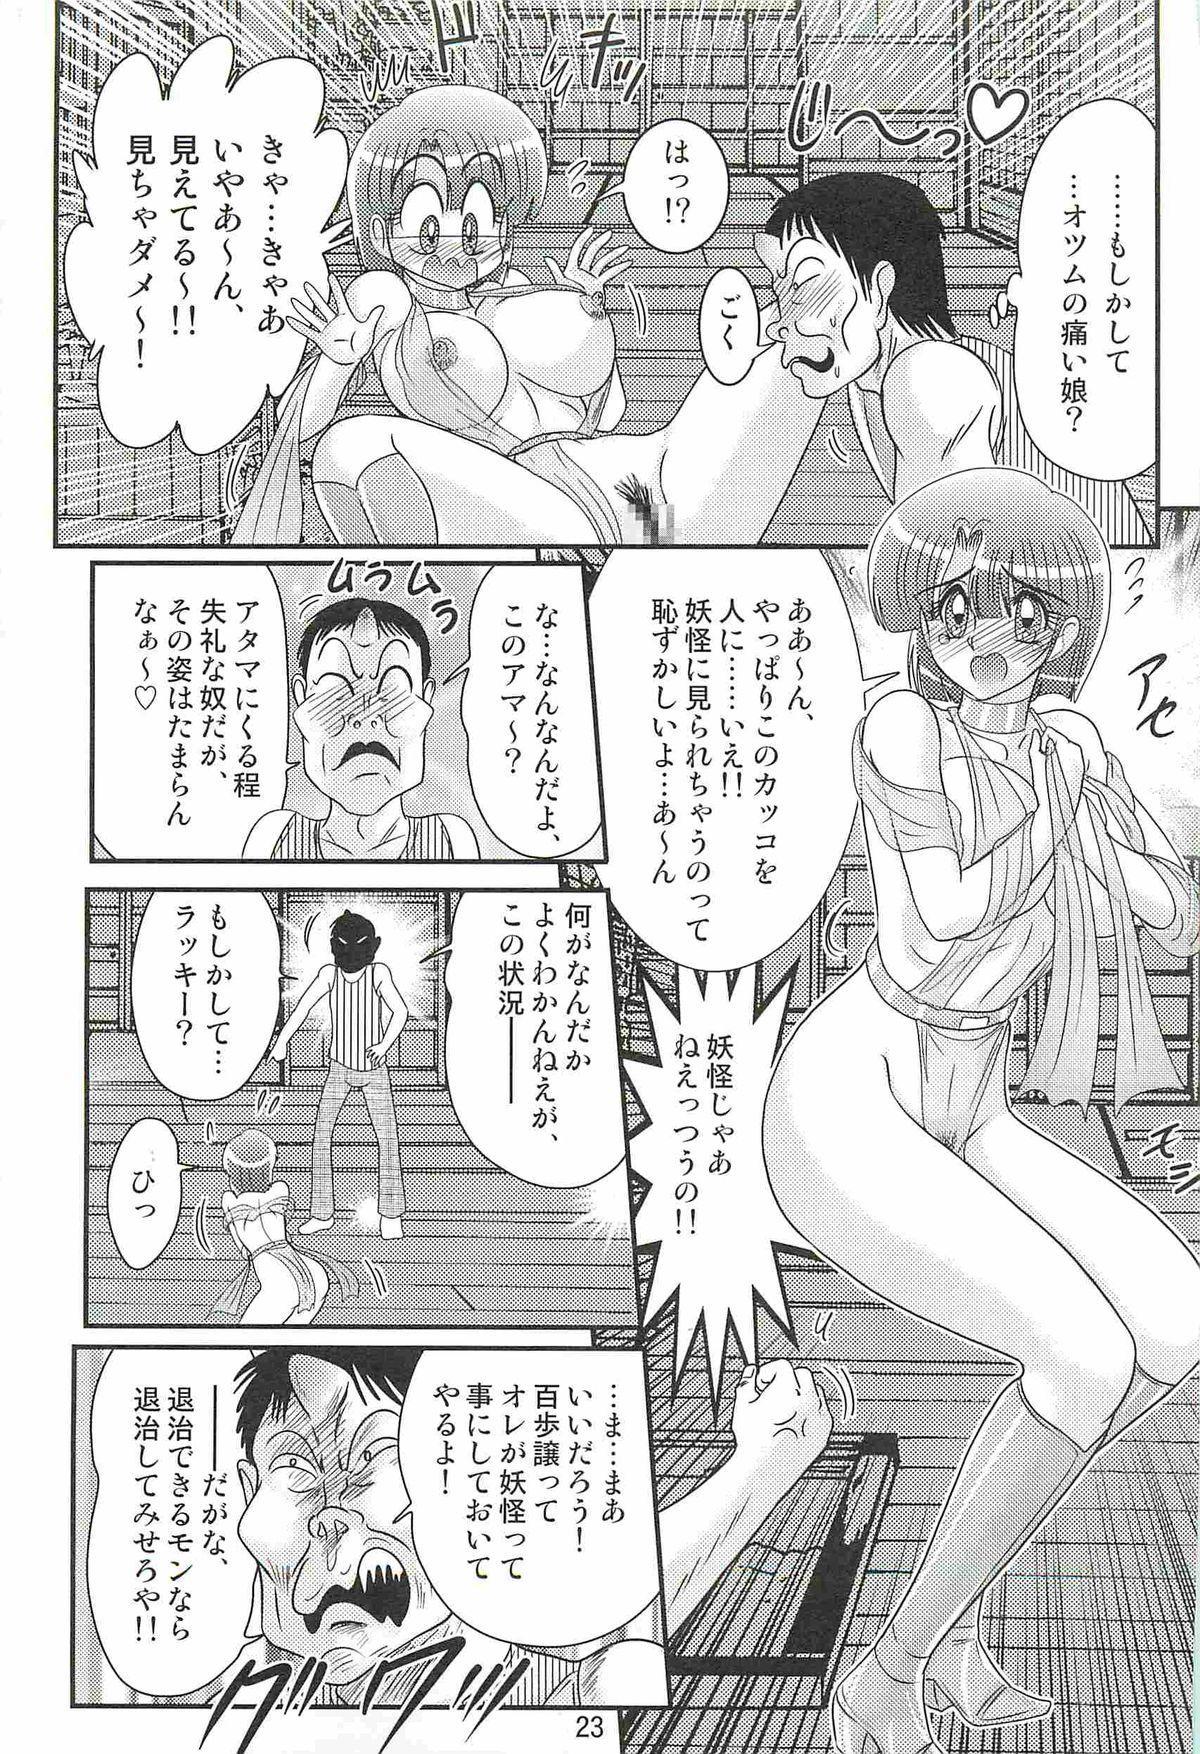 Seirei Tokusou Fairy Saber W - Undead Rape 26